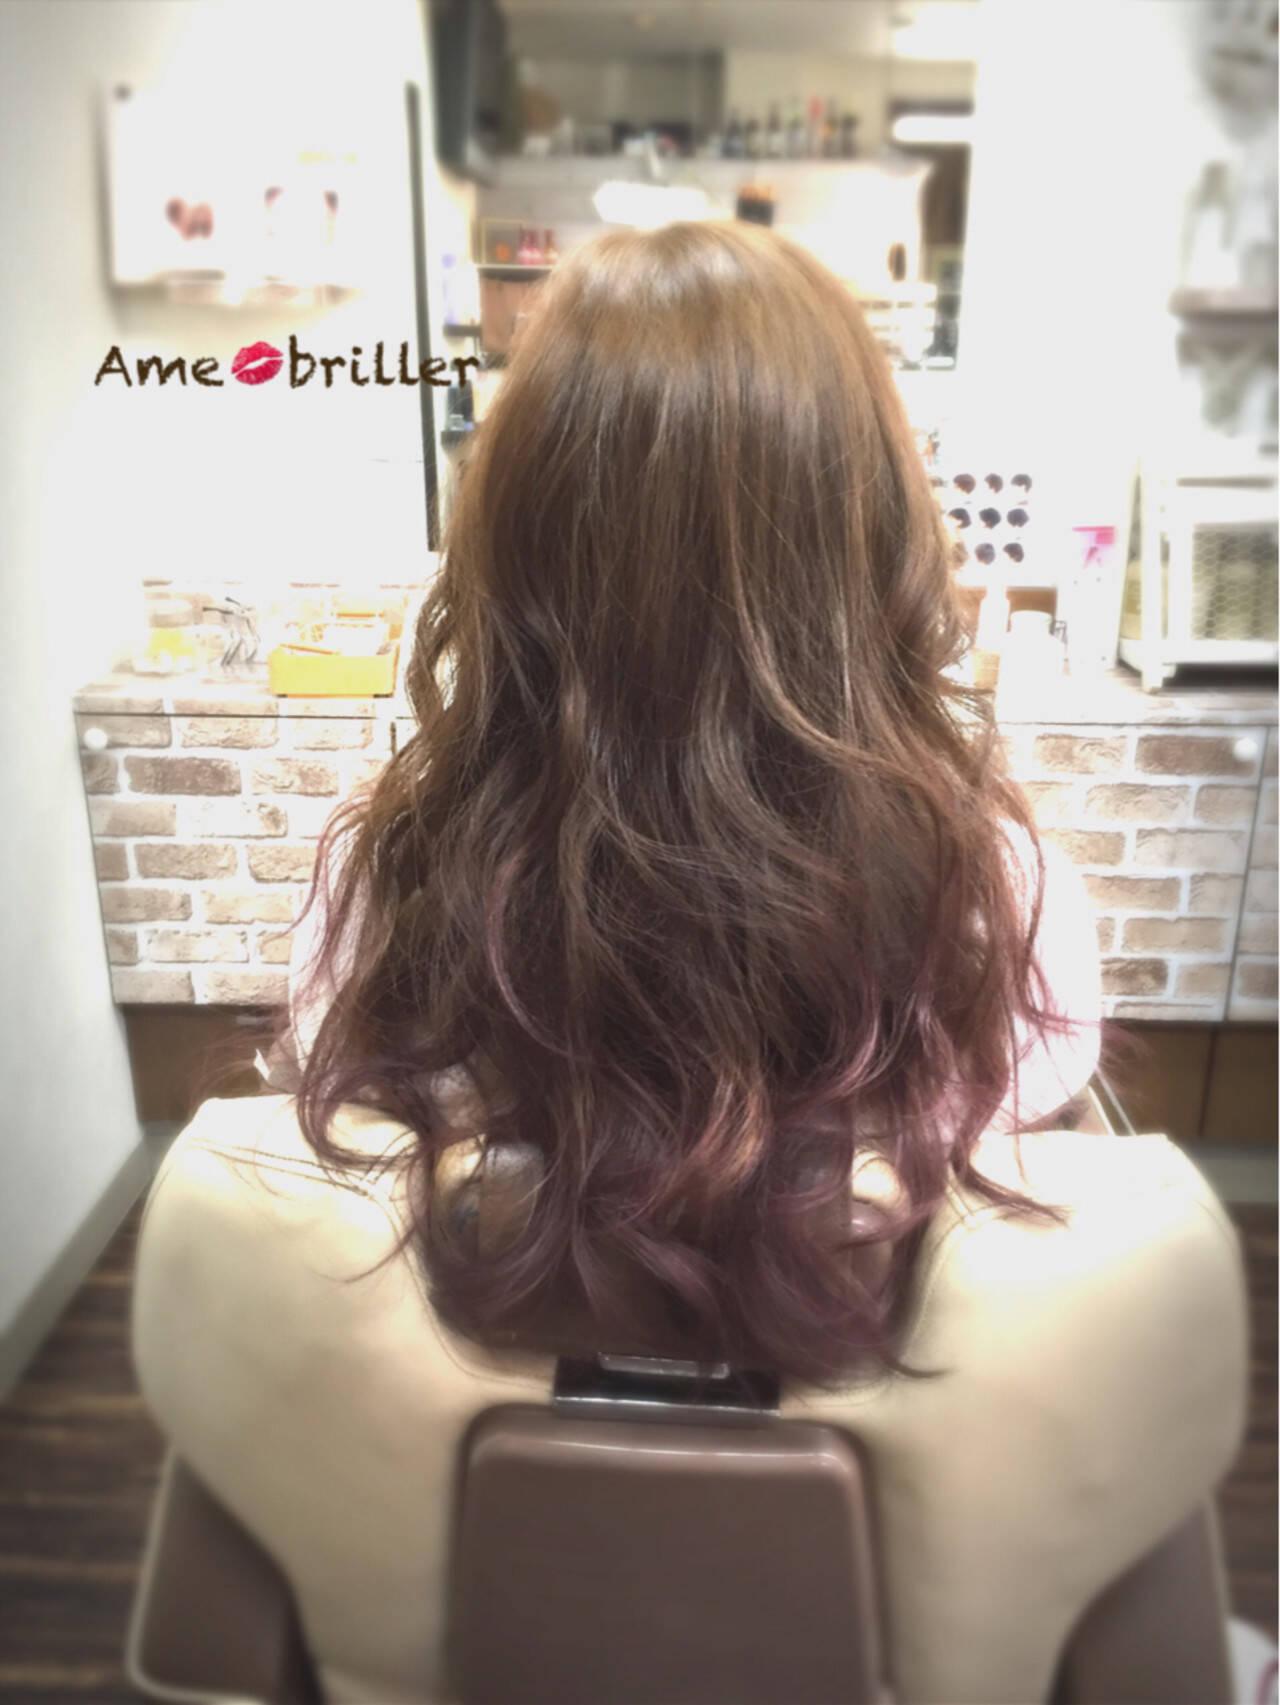 アッシュ ロング グラデーションカラー ハイライトヘアスタイルや髪型の写真・画像